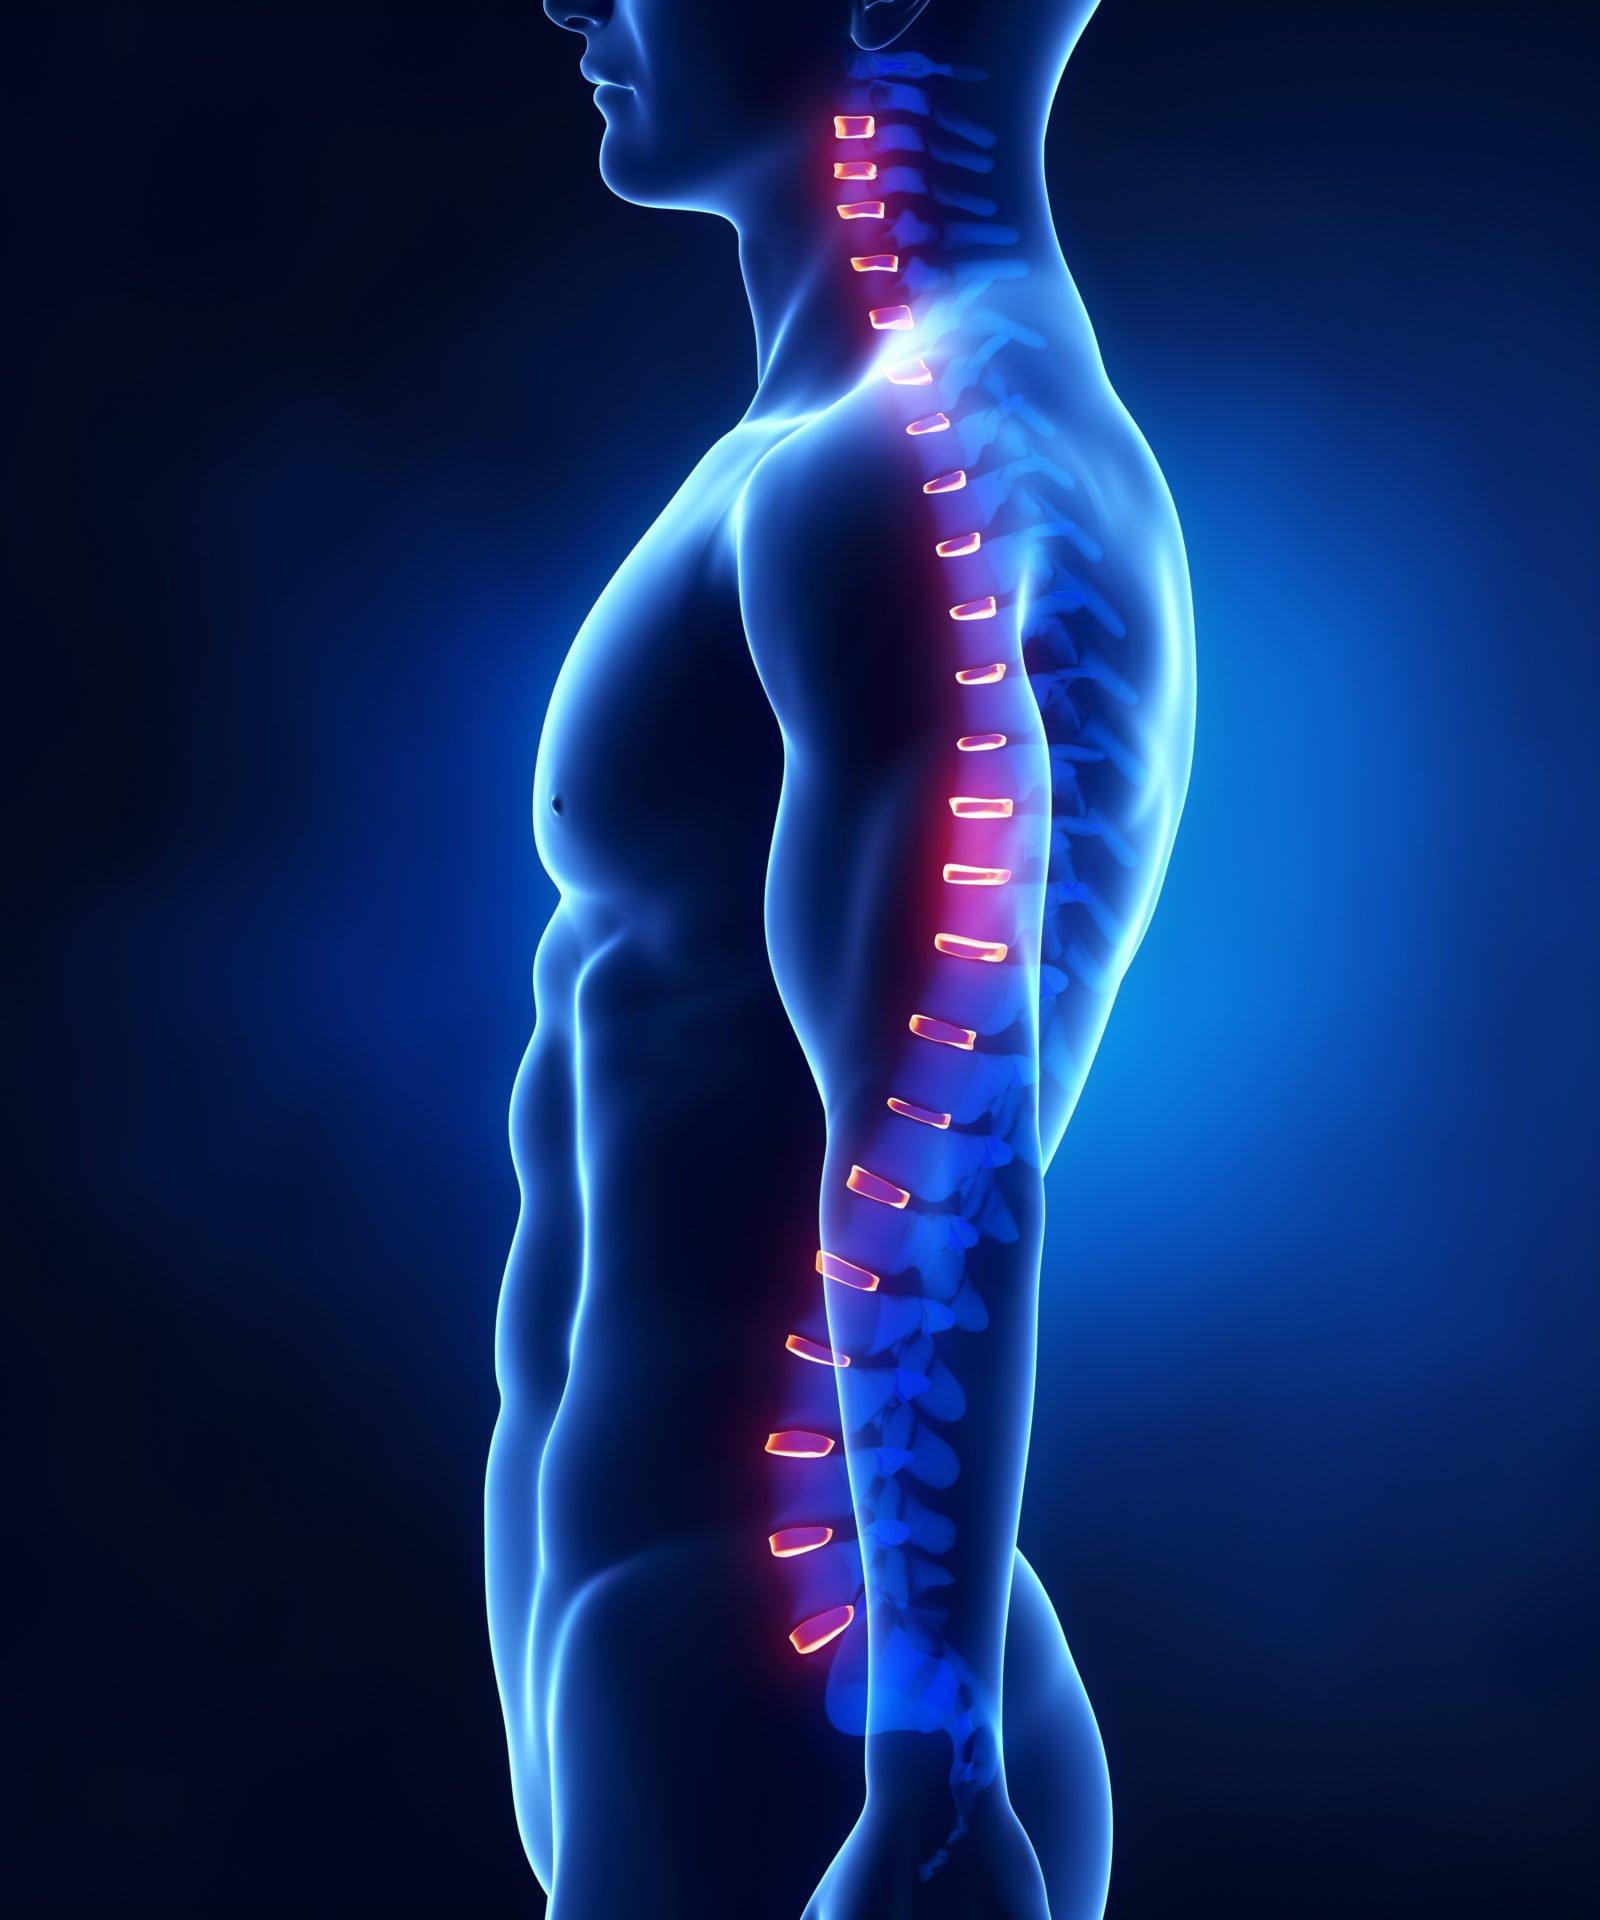 douleurs dos semlles orthopédiques 1 1